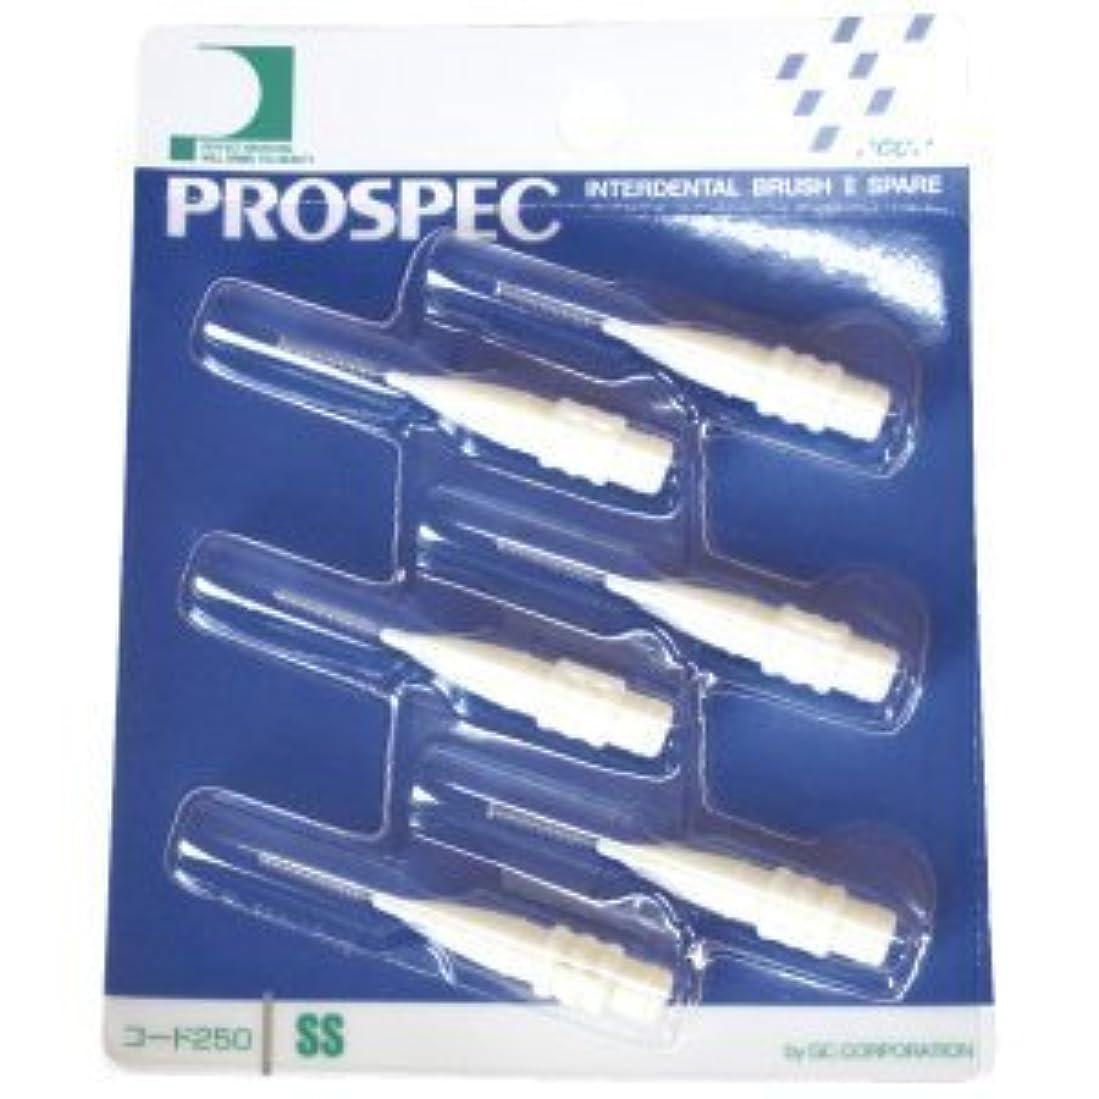 目覚める限界最少プロスペック 歯間ブラシII スペアー/SS/1パック(6本入り)